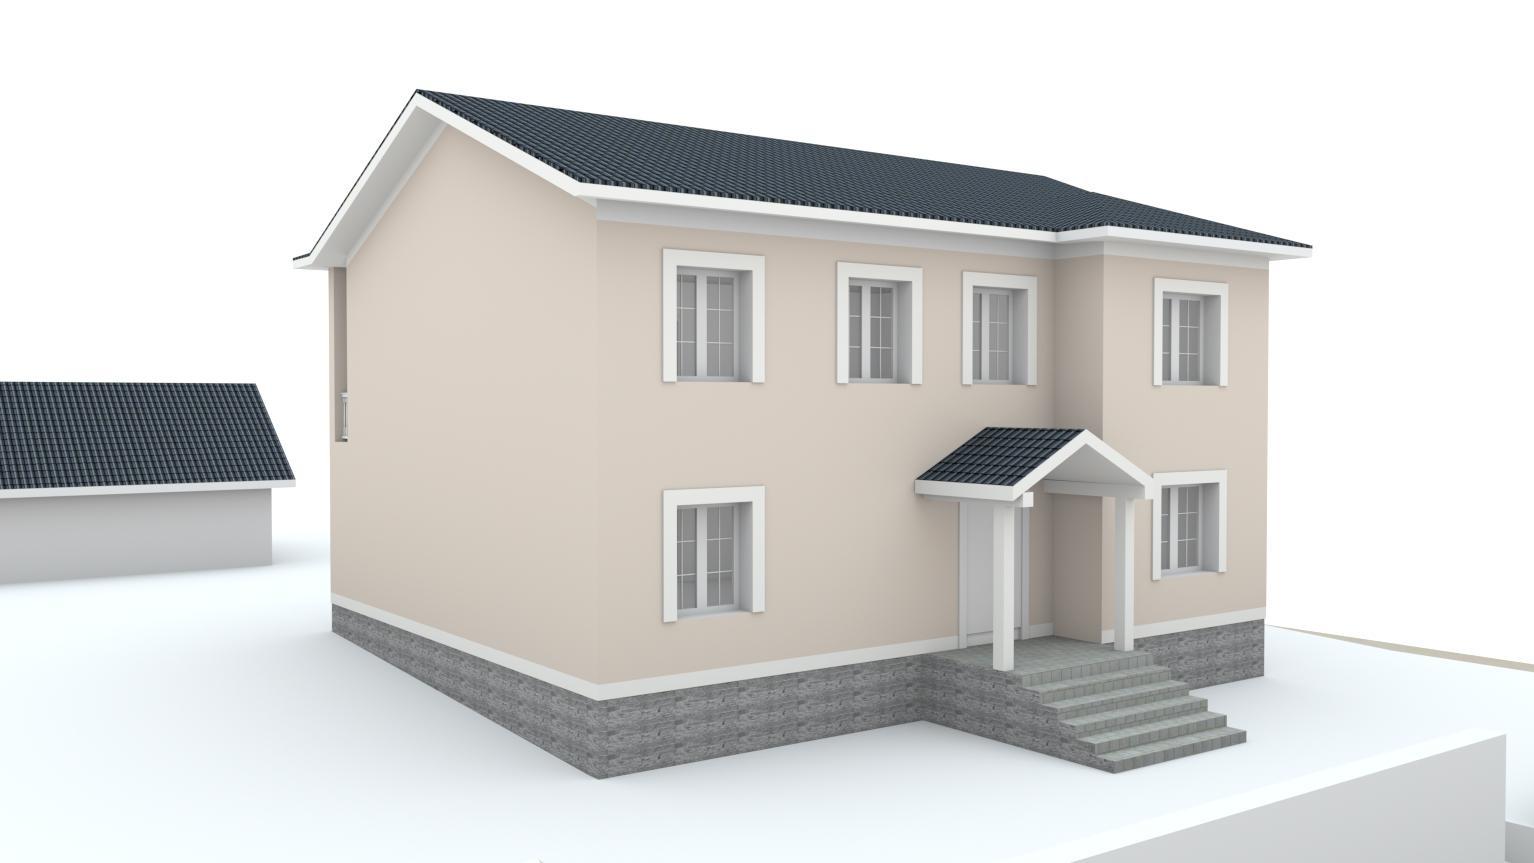 Návrh fasády rodinného domu Bratislava - Obrázok č. 7